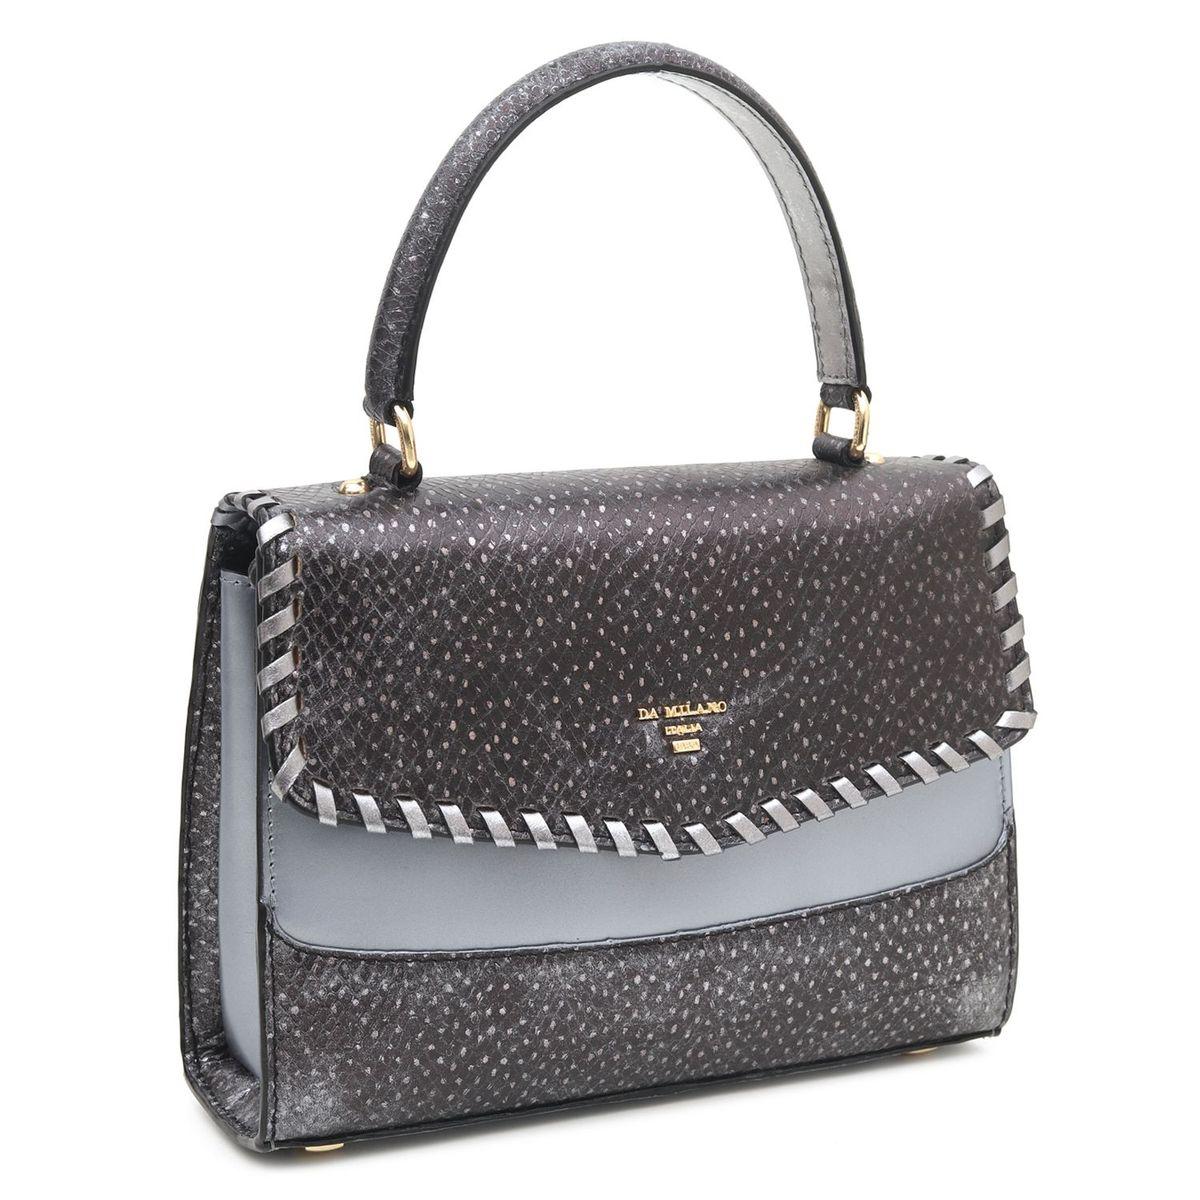 934193f31d0f Da Milano Grey Satchel Bag